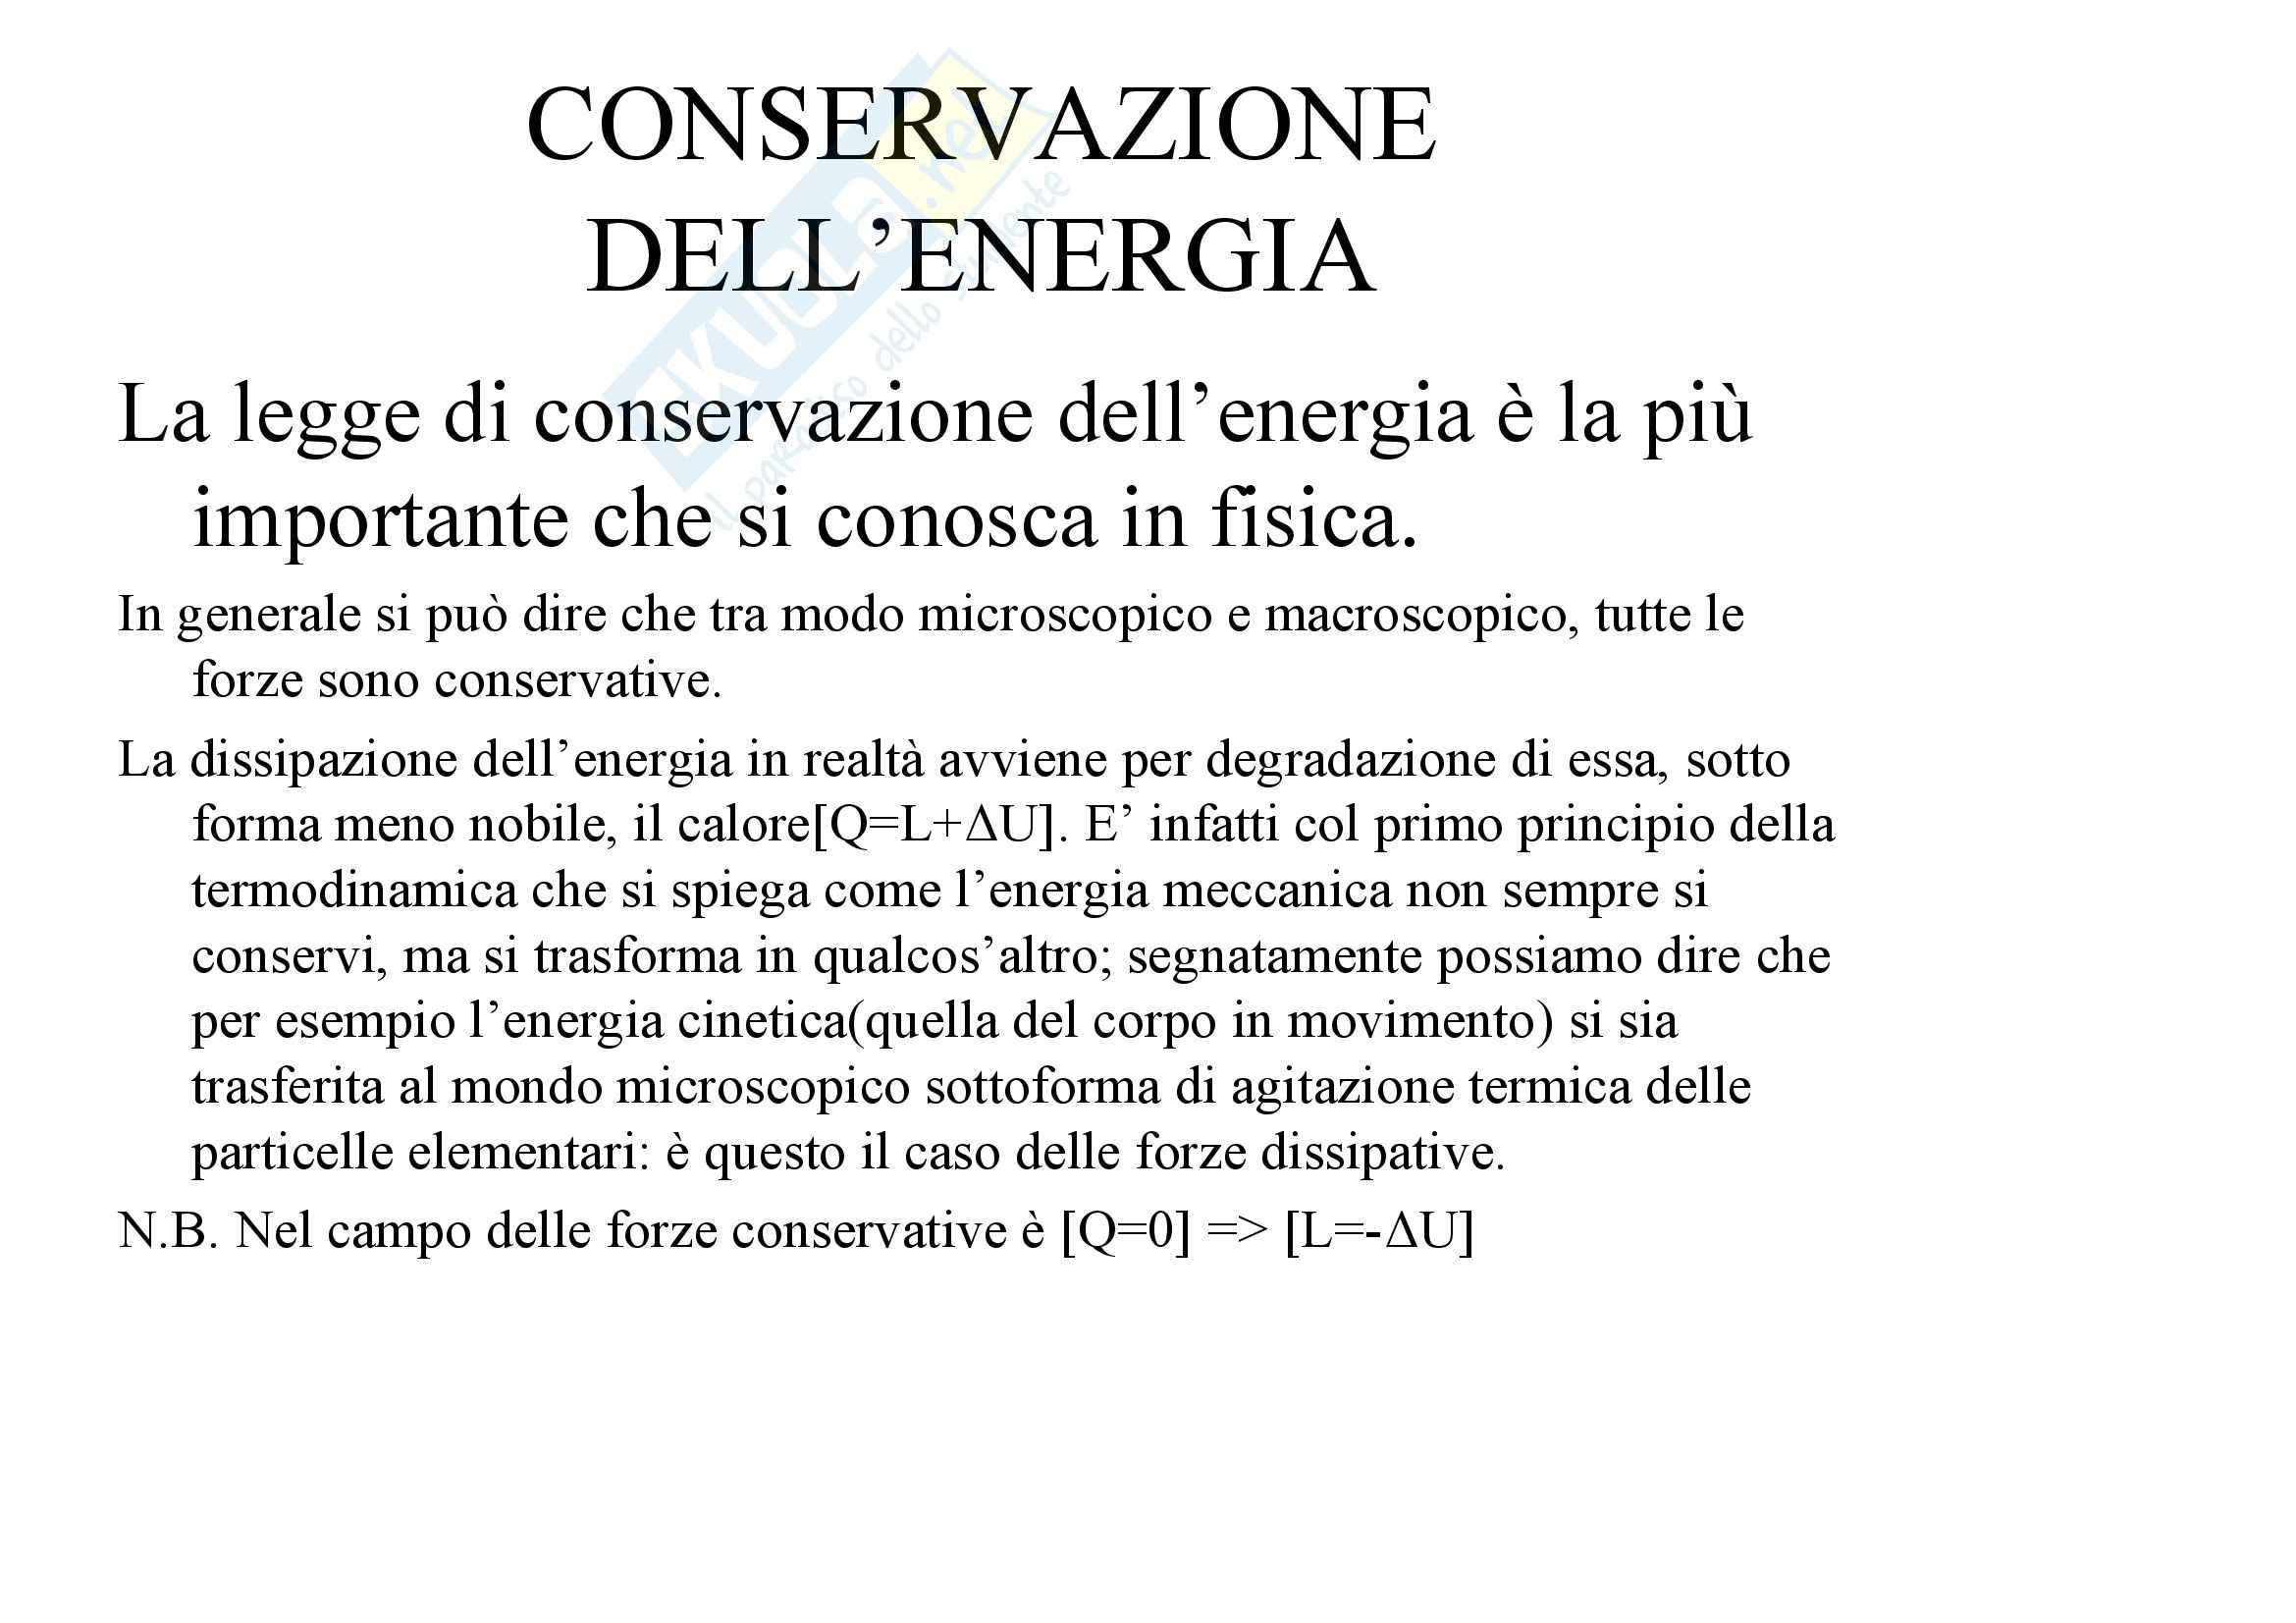 Fisica statistica ed informatica – Forze dissipative e conservative Pag. 2